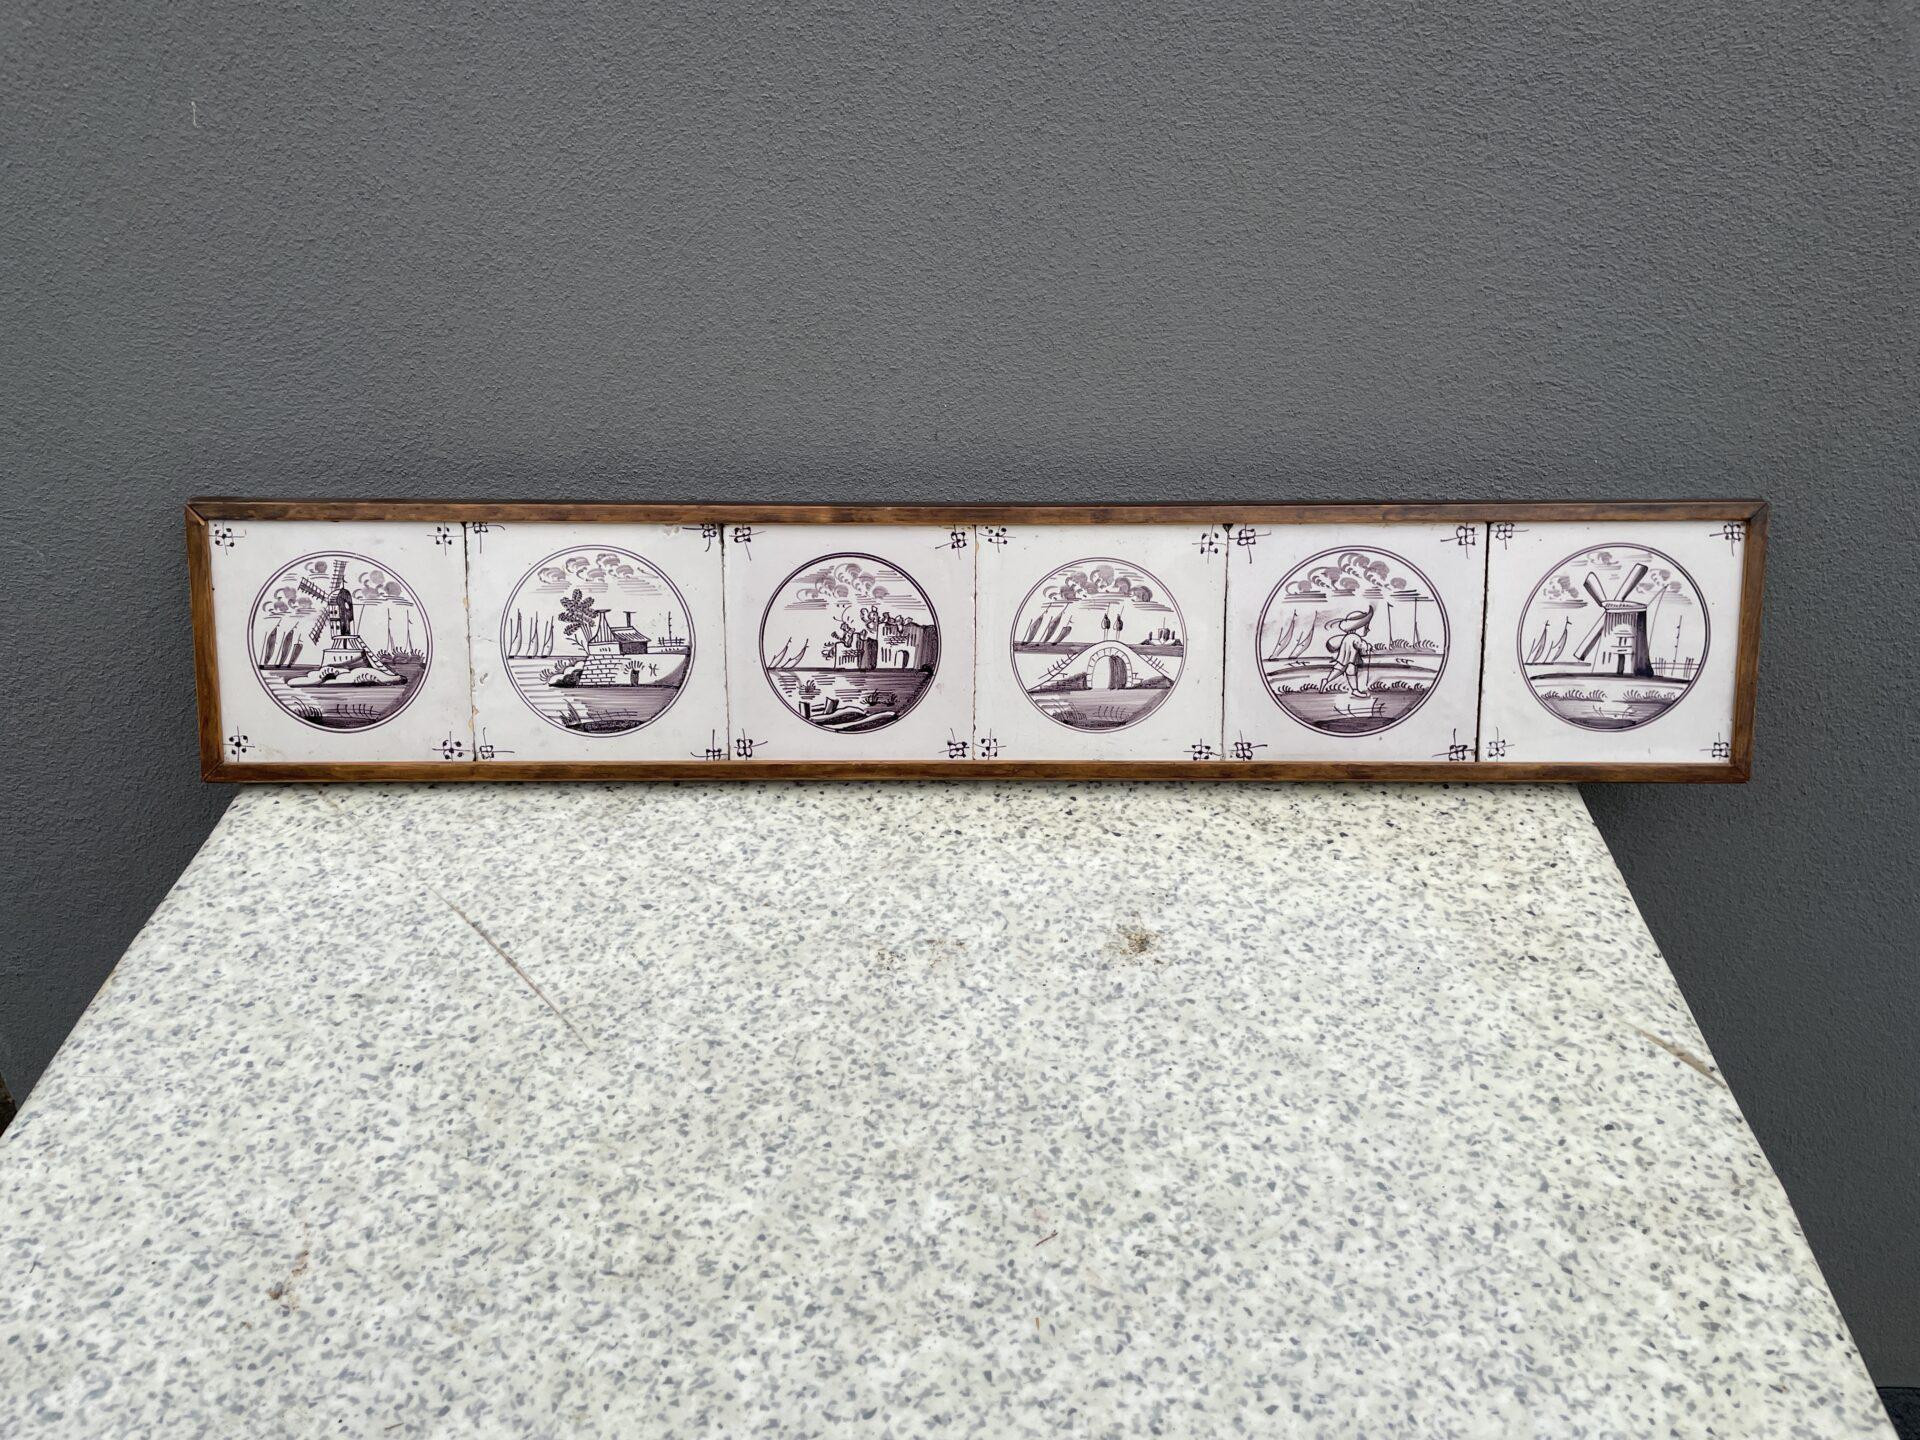 6 stk amtikke Fanø figur fliser med mangan farve, indrammet itræ. Pris 800kr